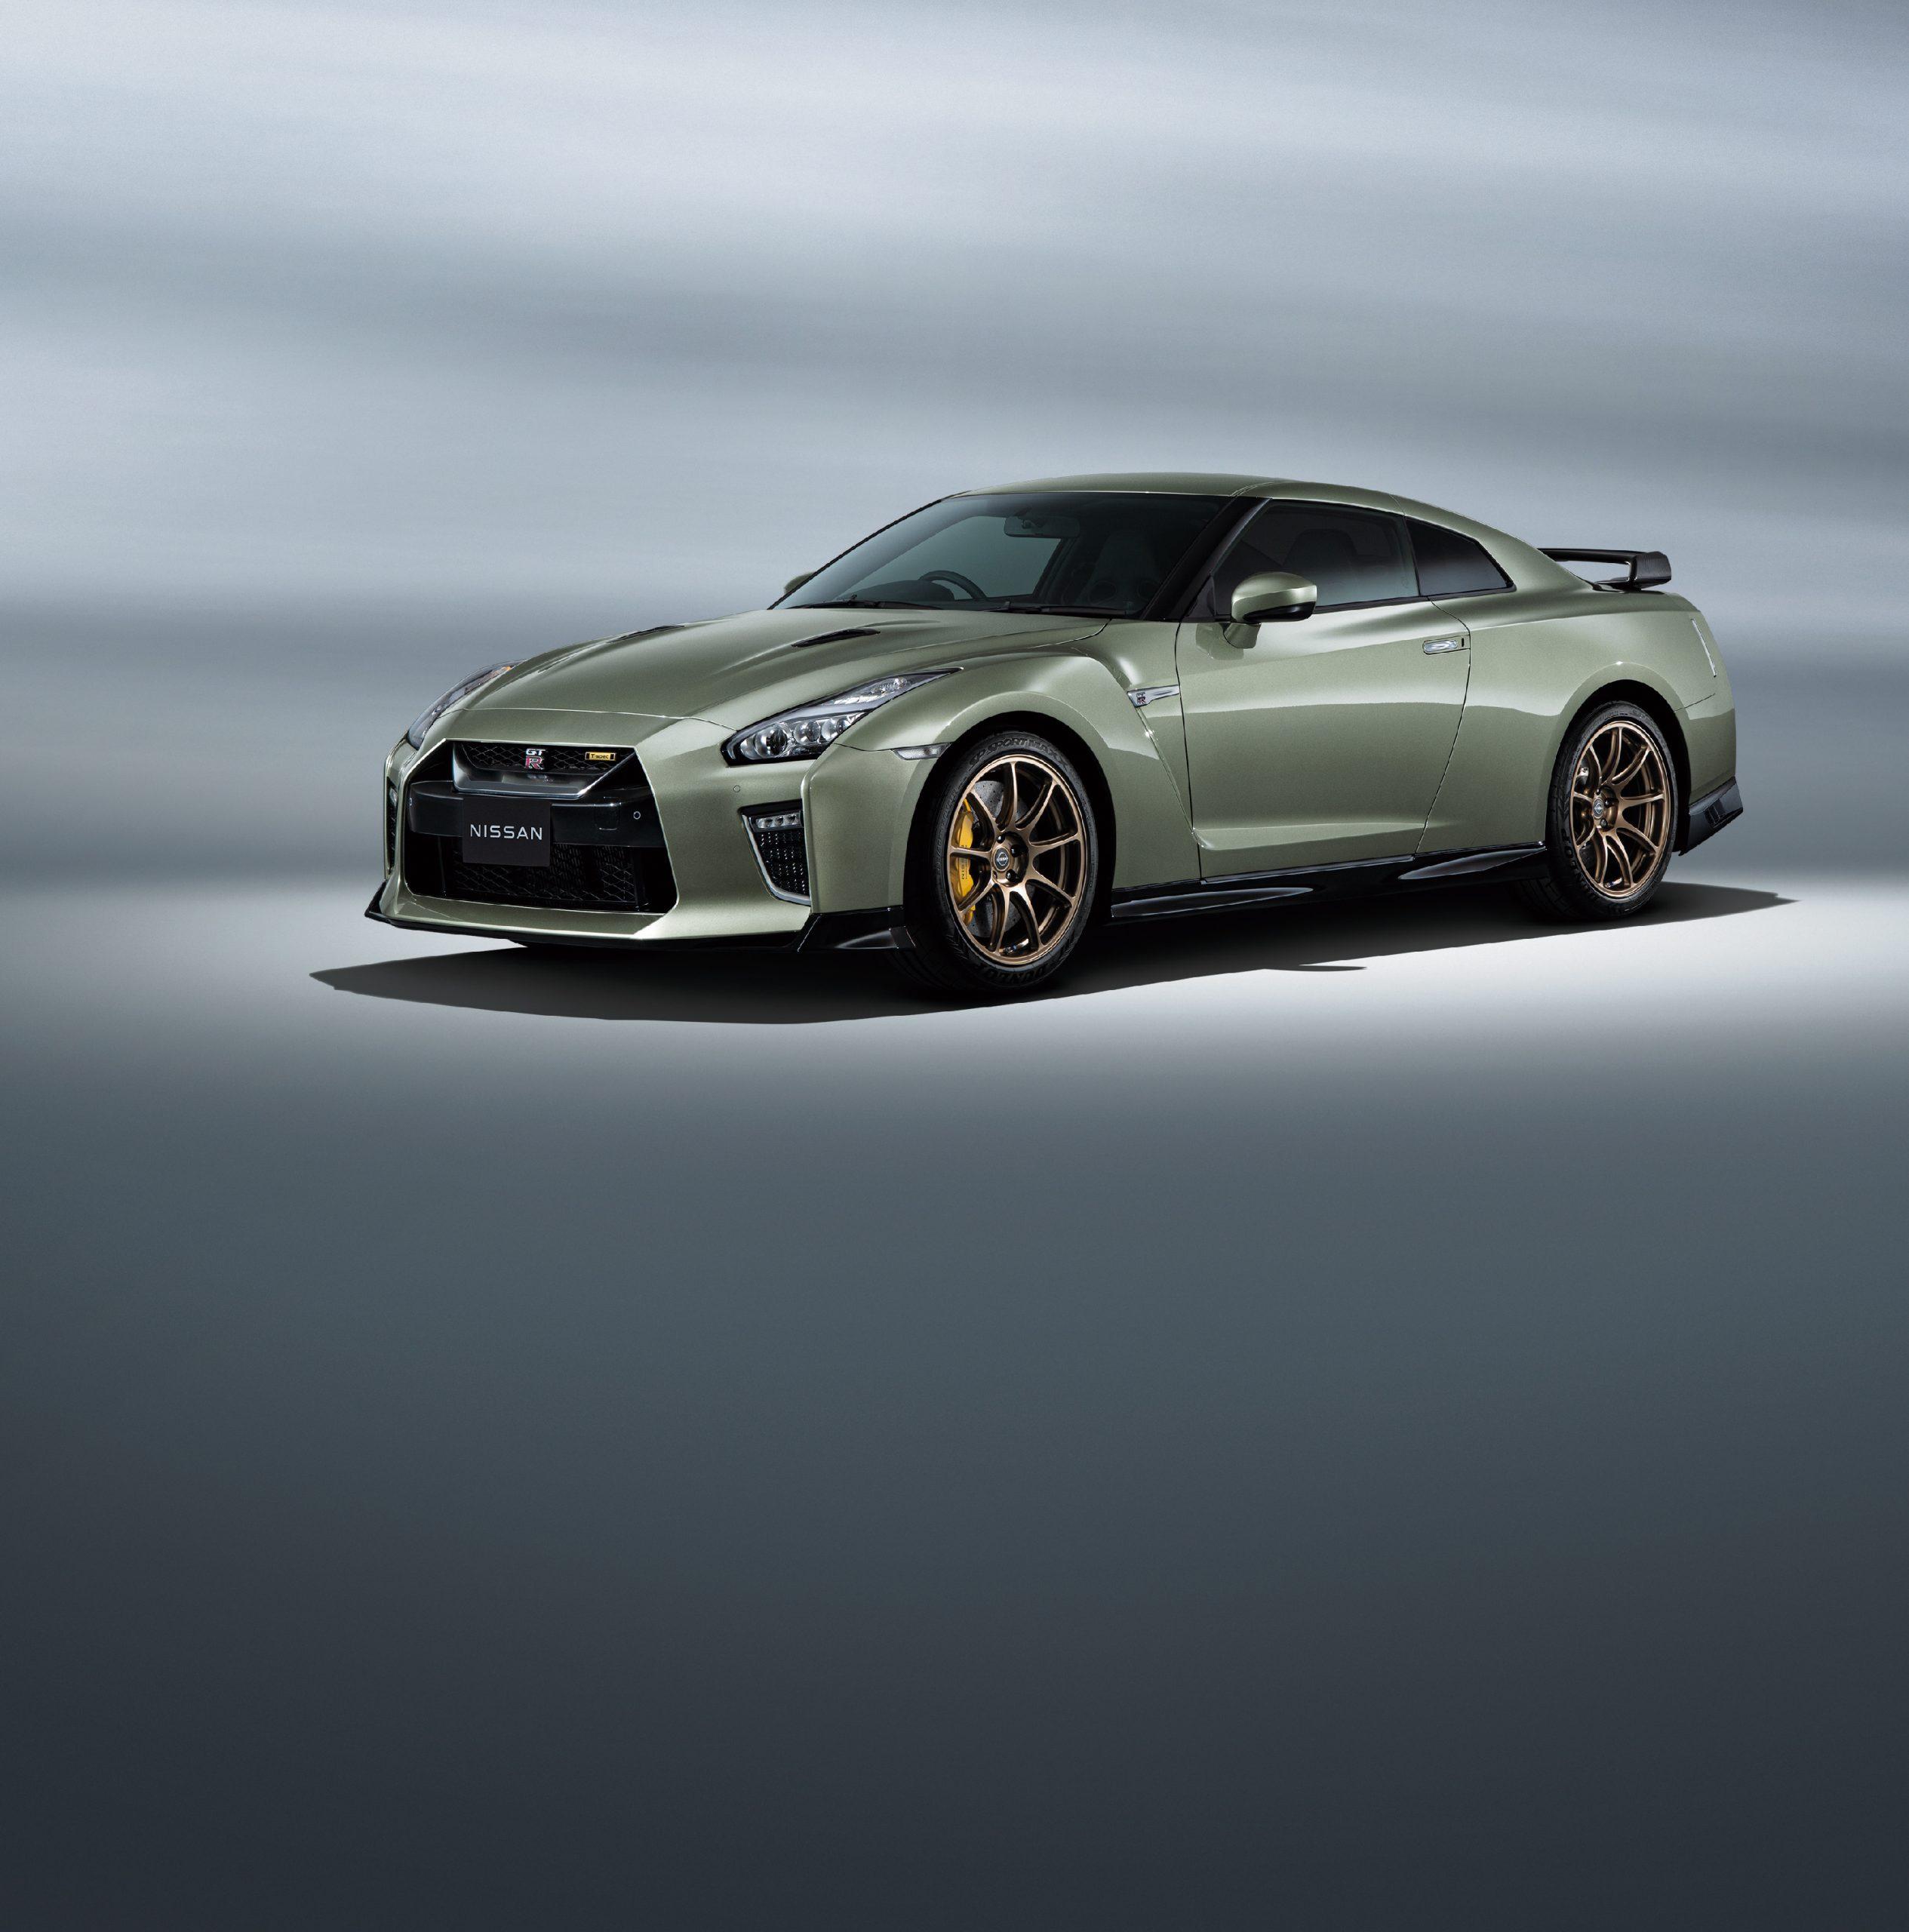 GT-R Premium edition T-spec (Japan market)